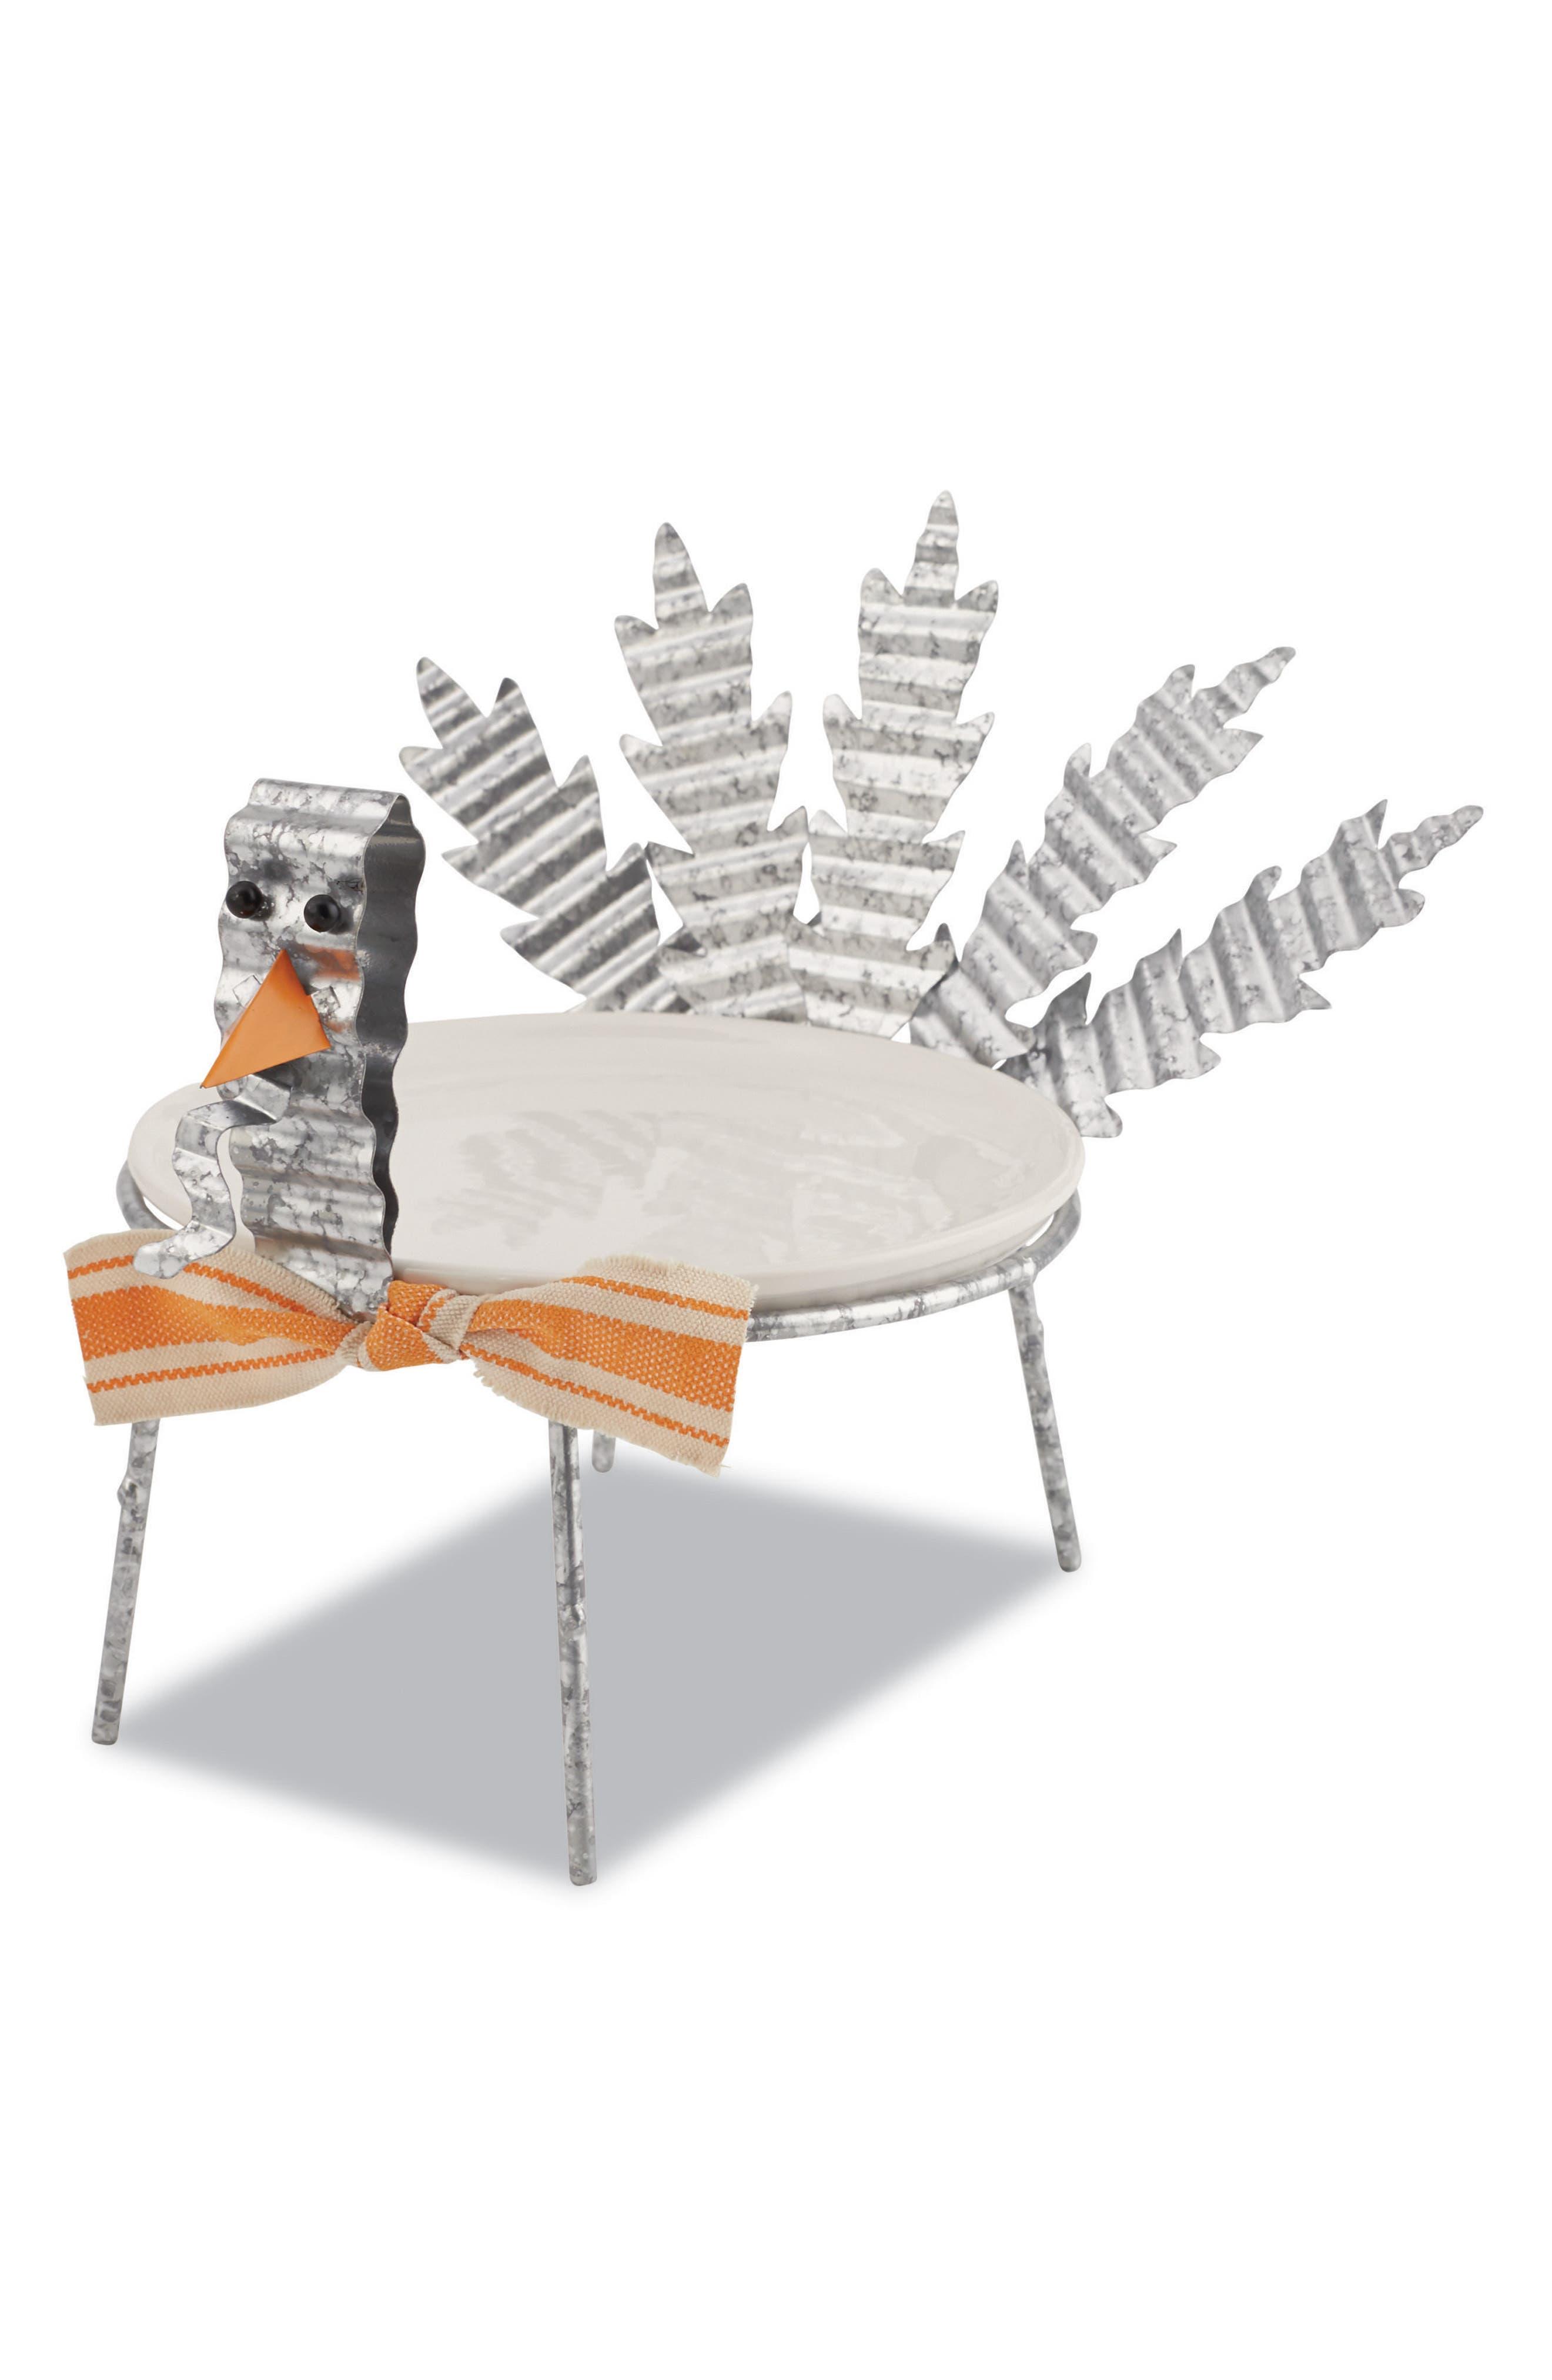 Mud Pie Turkey Plate & Stand Set